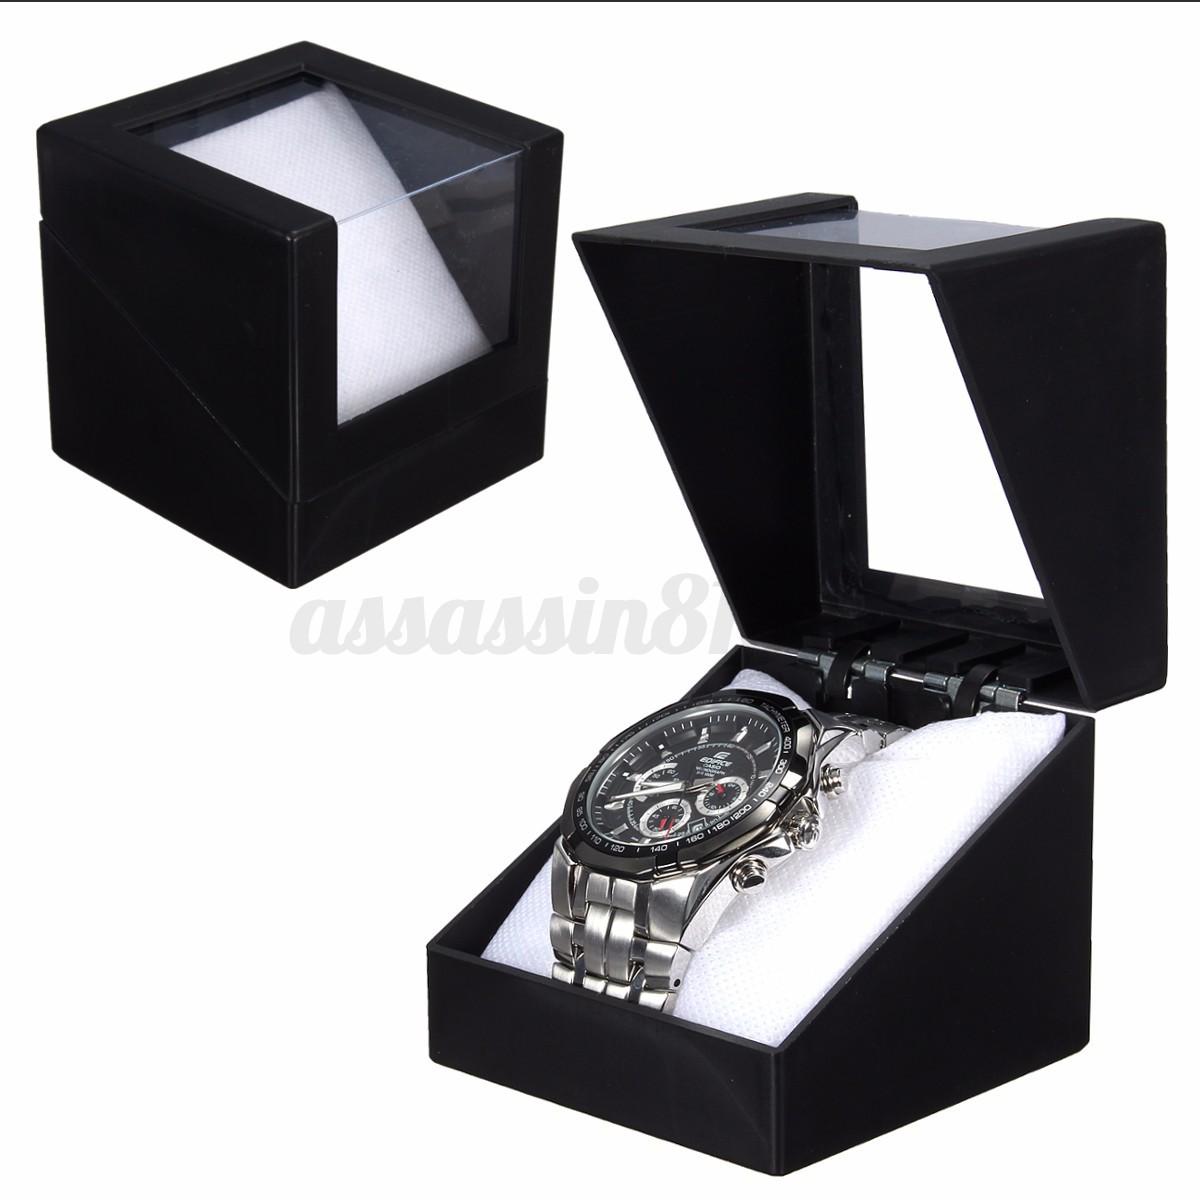 Deluxe Plastic Wrist Watch Winder Storage Holder Display